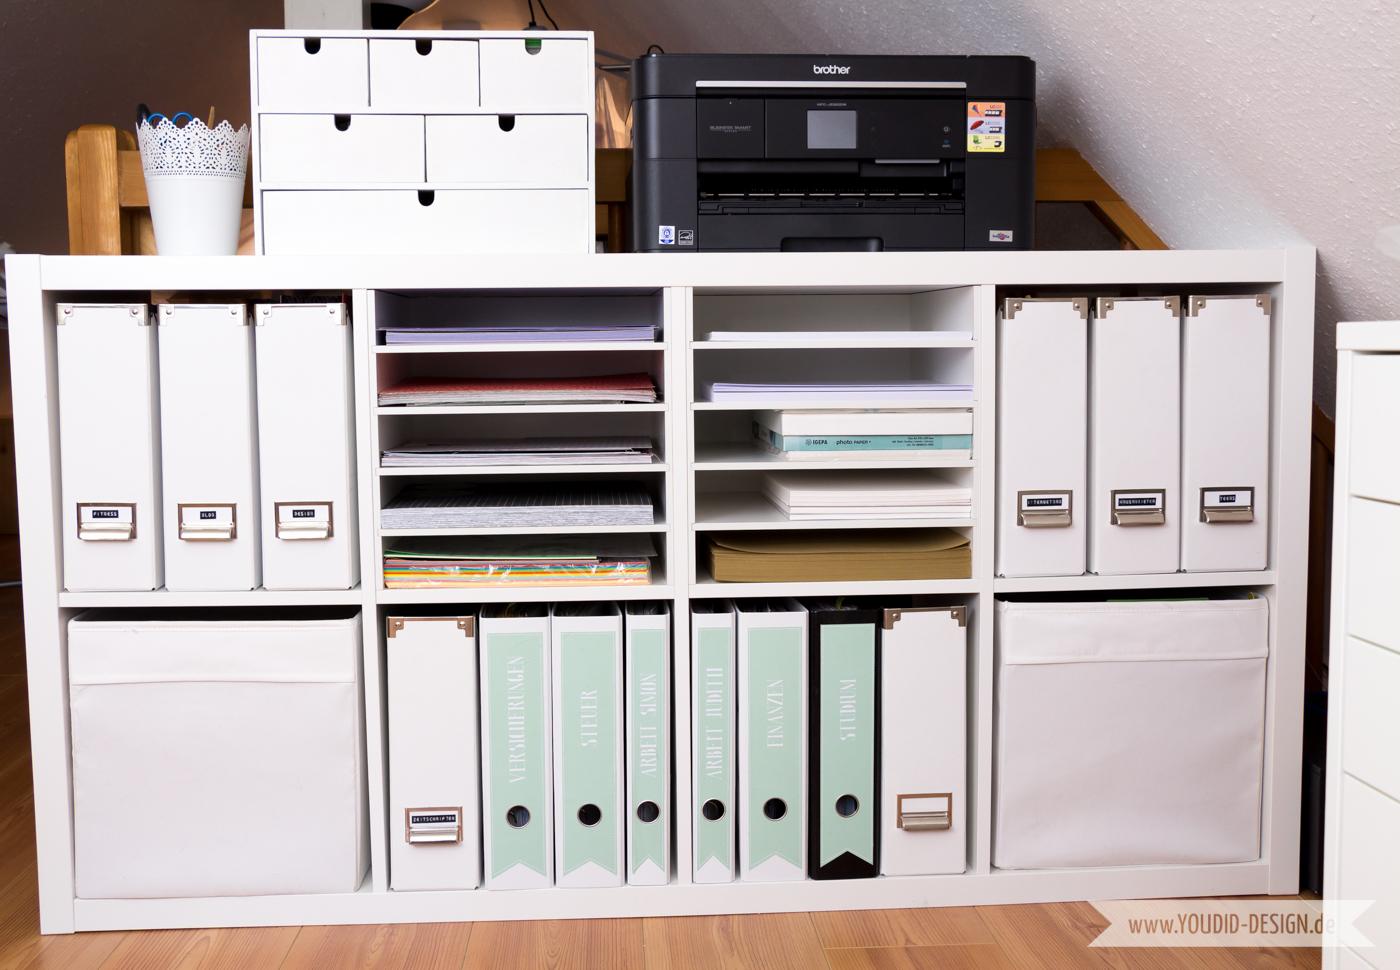 Full Size of Aufbewahrung Fr Scrapbooking Papier Und Washi Tape Ikea Hack Aufbewahrungssystem Küche Bett Mit Modulküche Betten Kaufen Bei Aufbewahrungsbehälter 160x200 Wohnzimmer Ikea Hacks Aufbewahrung